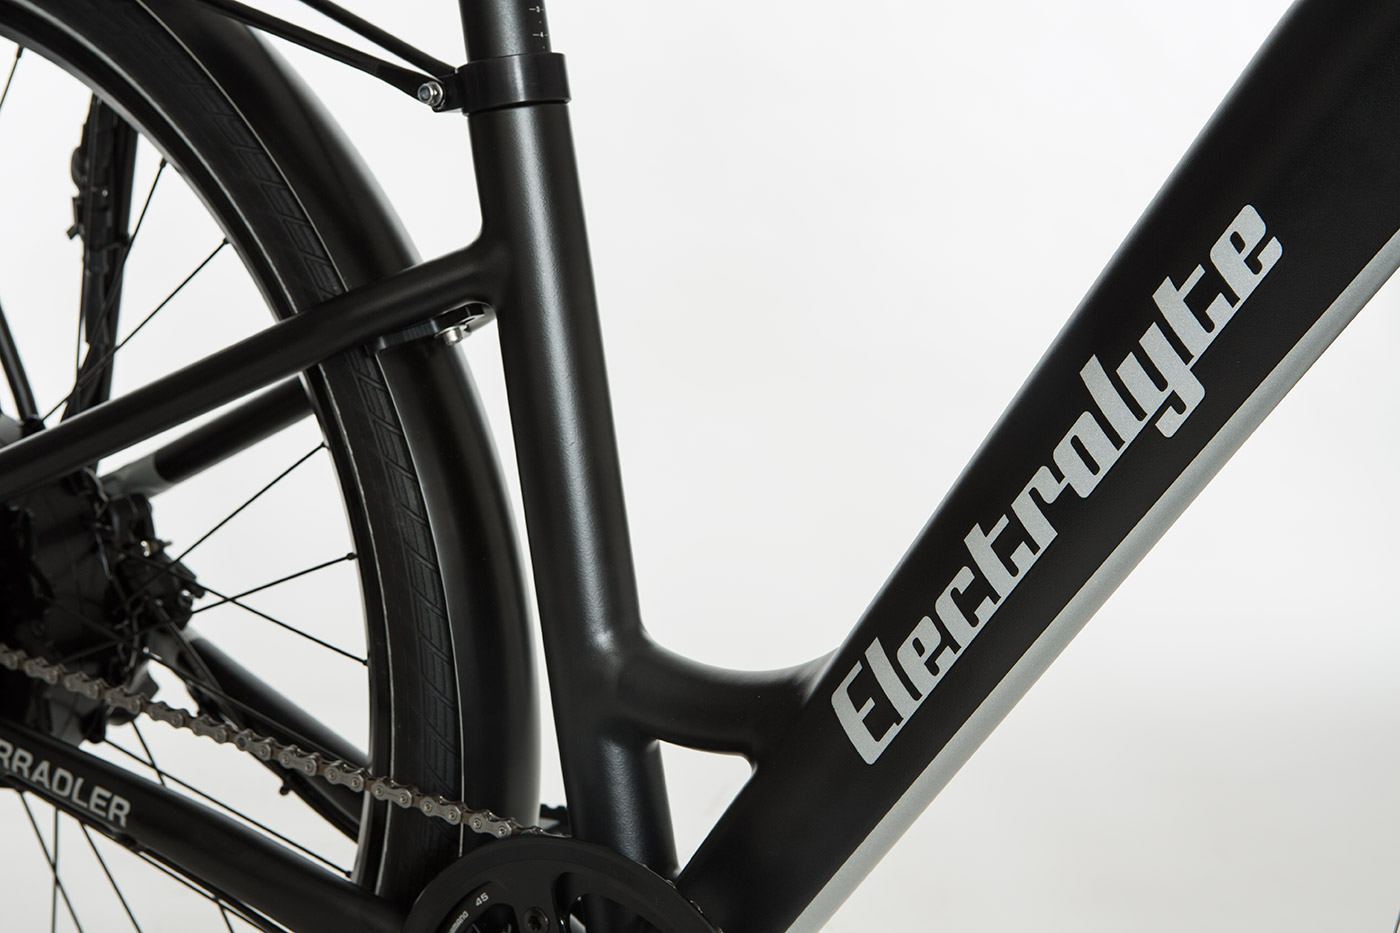 Vorradler S3 E Comfort - Der bessere Tiefeinsteiger